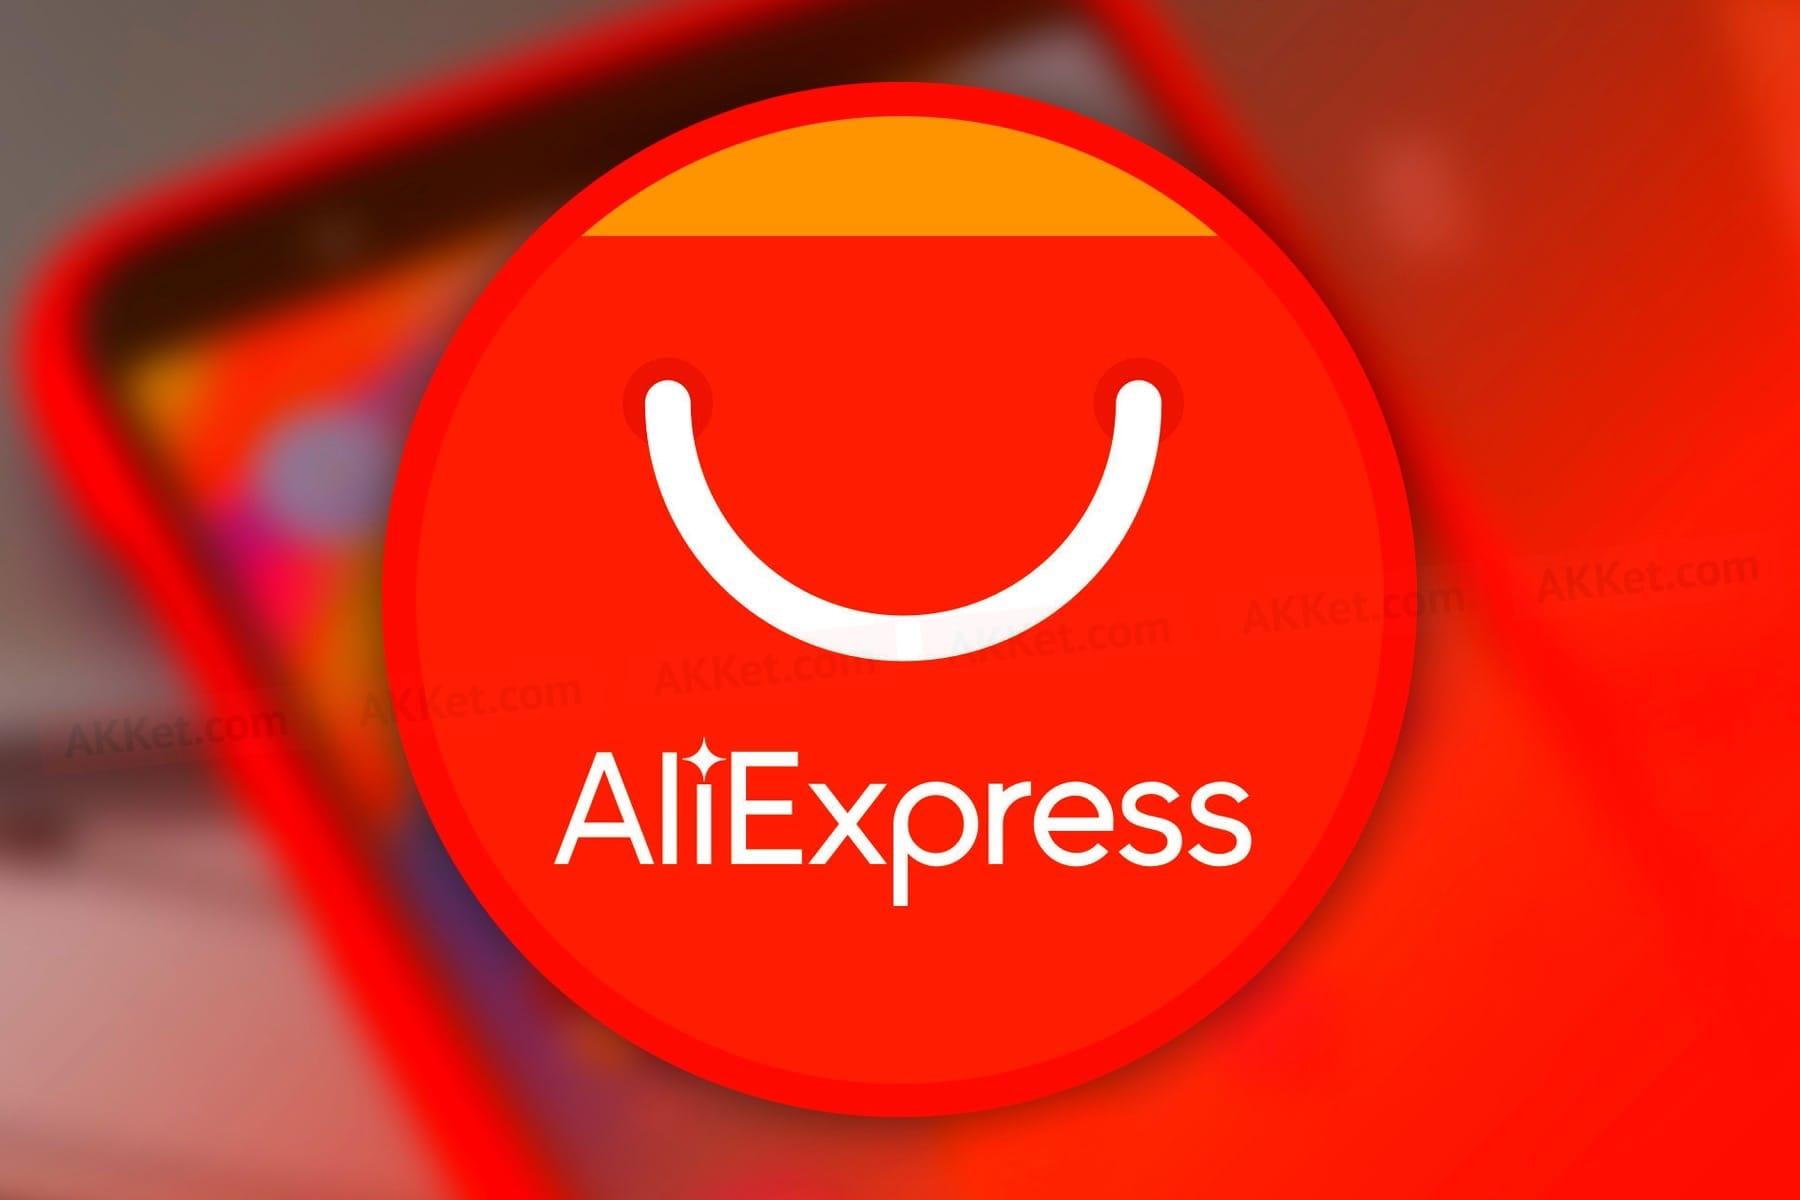 026d994f779c AliExpress изменил условия доставки в Россию для всех покупателей